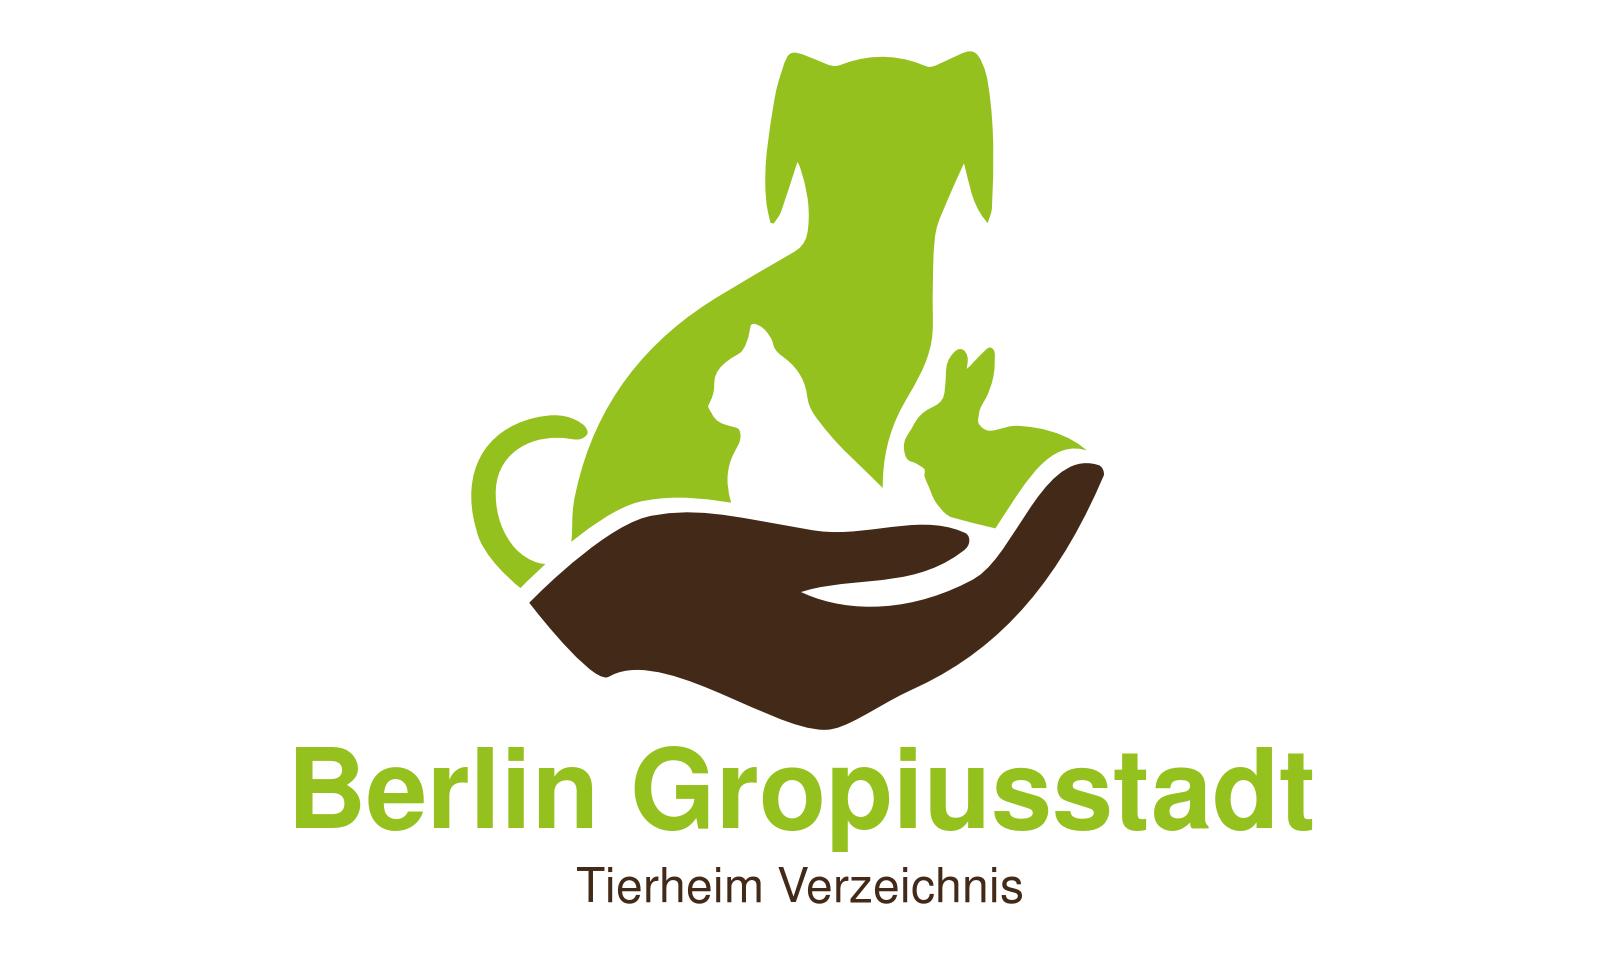 Tierheim Berlin Gropiusstadt